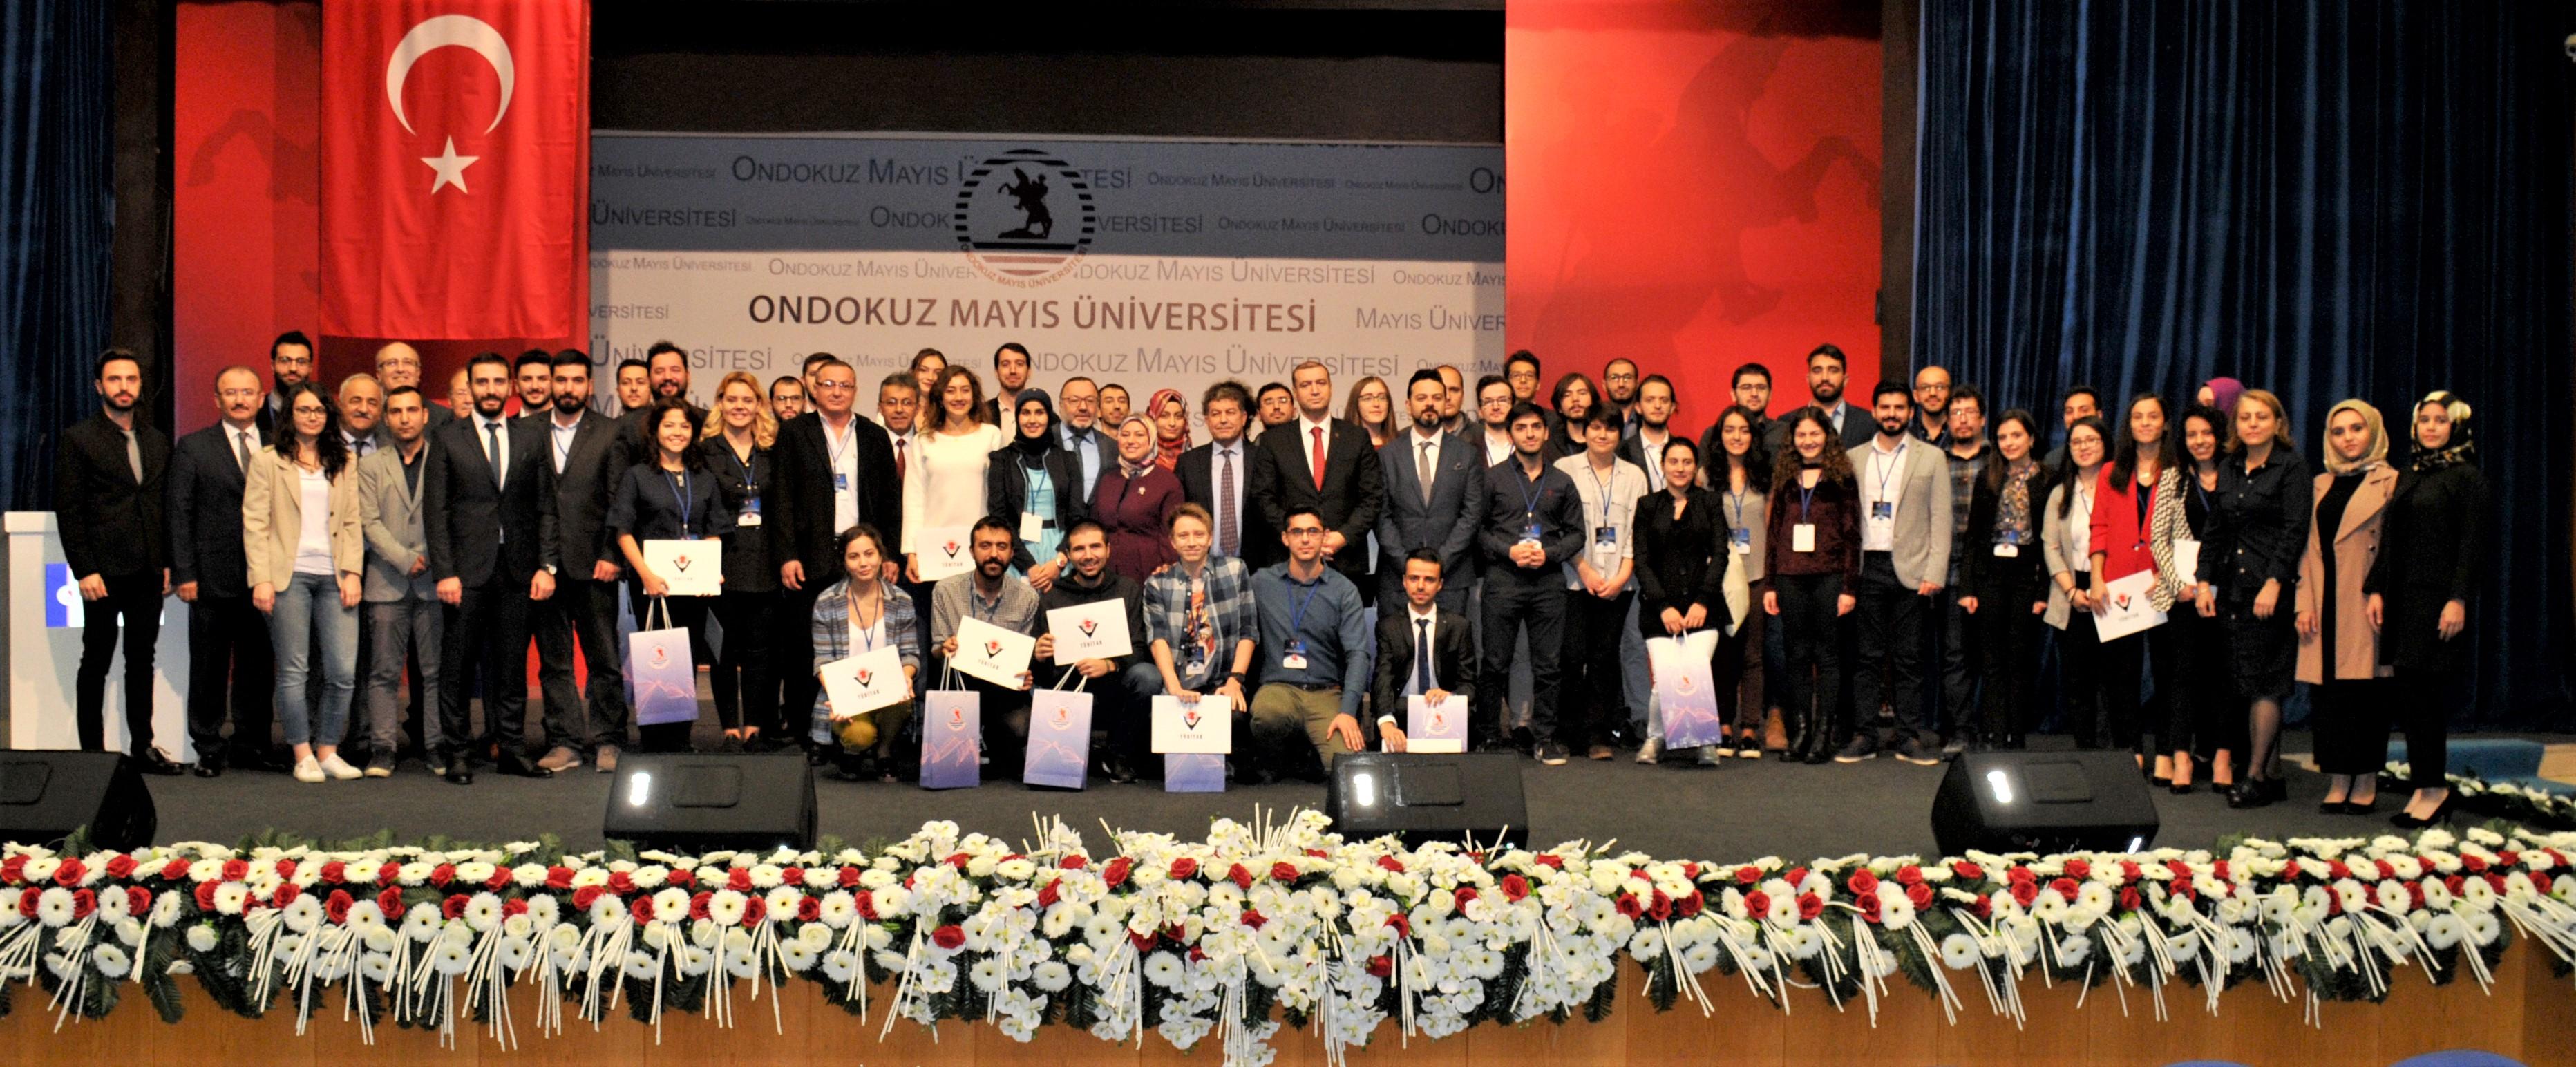 http://www.omu.edu.tr/sites/default/files/files/universite_ogrencileri_proje_yarismasinin_finalistleri_belli_oldu/dsc_0129.jpg